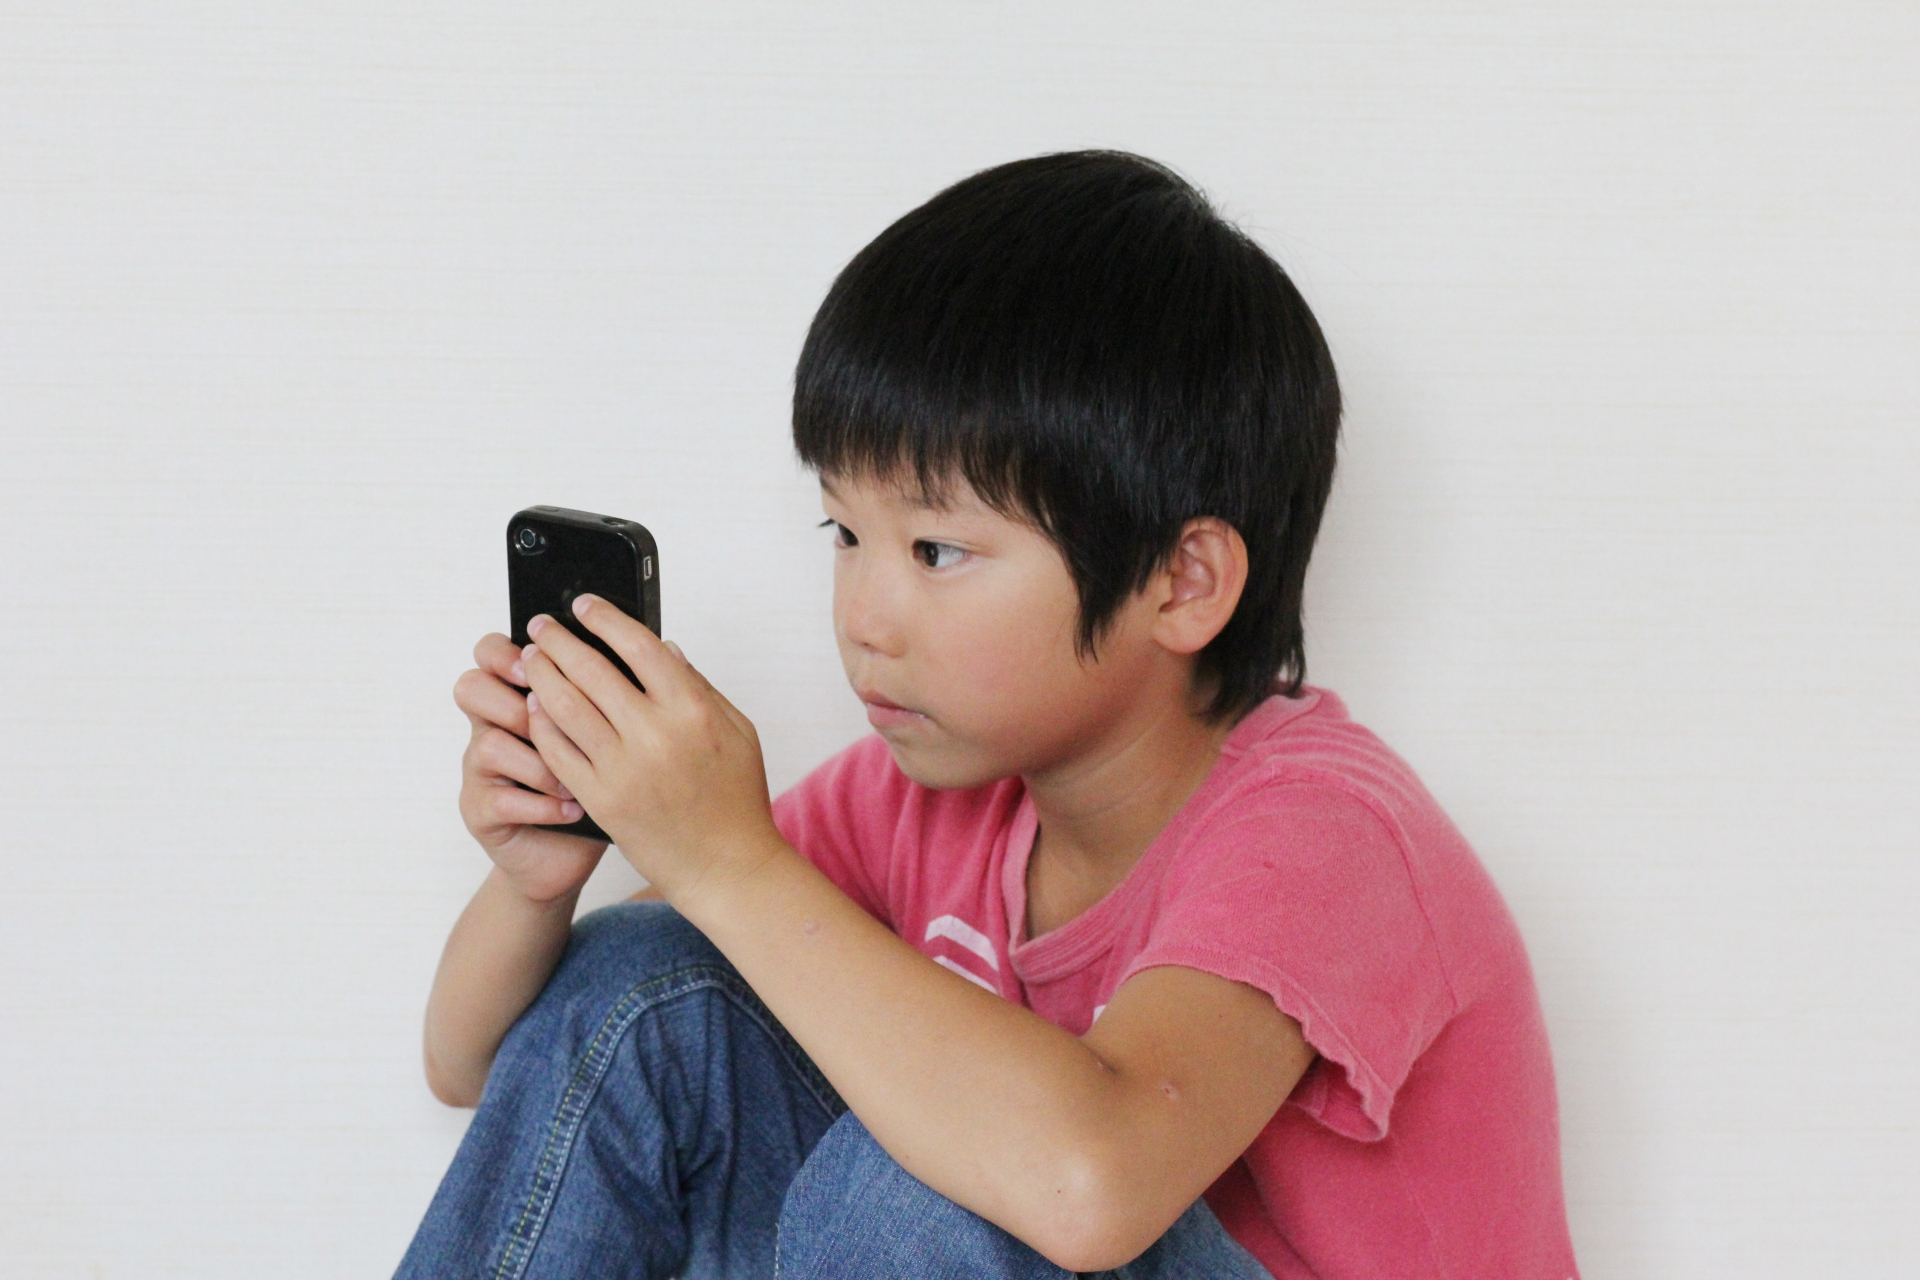 小学生の親は忙しすぎる!?その原因は習い事やらせすぎにアリかも?